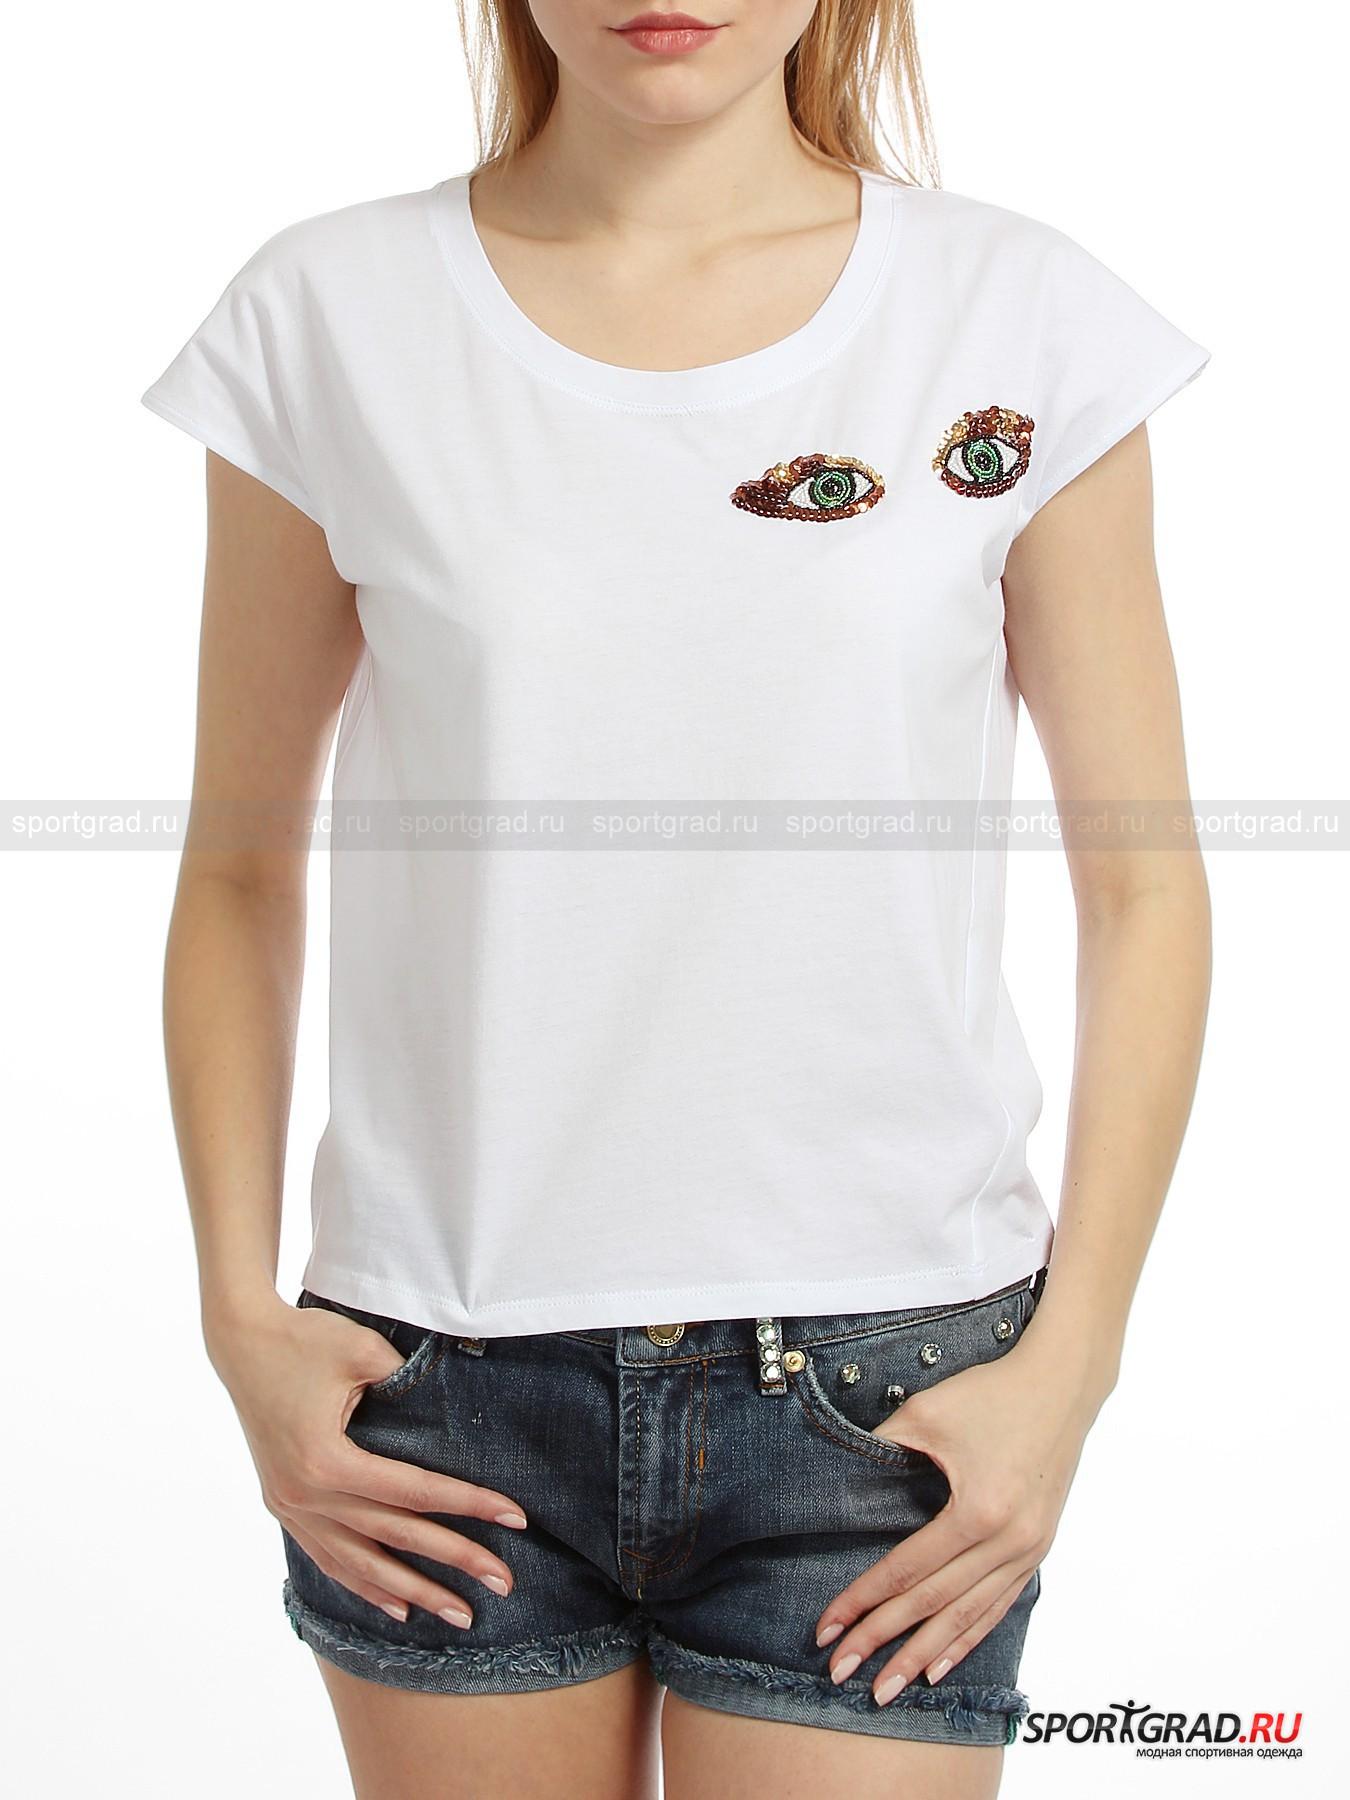 Футболка женская T-shirt BEAФутболки<br>Футболка женская T-shirt BEA – модель интересного покроя и свободного силуэта, сшитая из качественного трикотажа. Натуральный хлопок – лучший материал для людей с чувствительной кожей, а также хорошо подходит для повседневной носки.  Изделие декорировано шикарной вышивкой  в виде глаз, выложенных цветным бисером и блестящими пайетками.  Футболка выгодно  подчеркнет Вашу индивидуальность и хороший вкус.<br><br>Длина изделия сзади по центру от горловины до низа 52 см, ширина в груди 51 см (размер 40).<br><br>Пол: Женский<br>Возраст: Взрослый<br>Тип: Футболки<br>Рекомендации по уходу: Рекомендуется только ручная стирка в теплой воде. Не подвергать изделие отбеливанию, глажке, химчистке и отжиму в центрифуге.<br>Состав: 100% хлопок